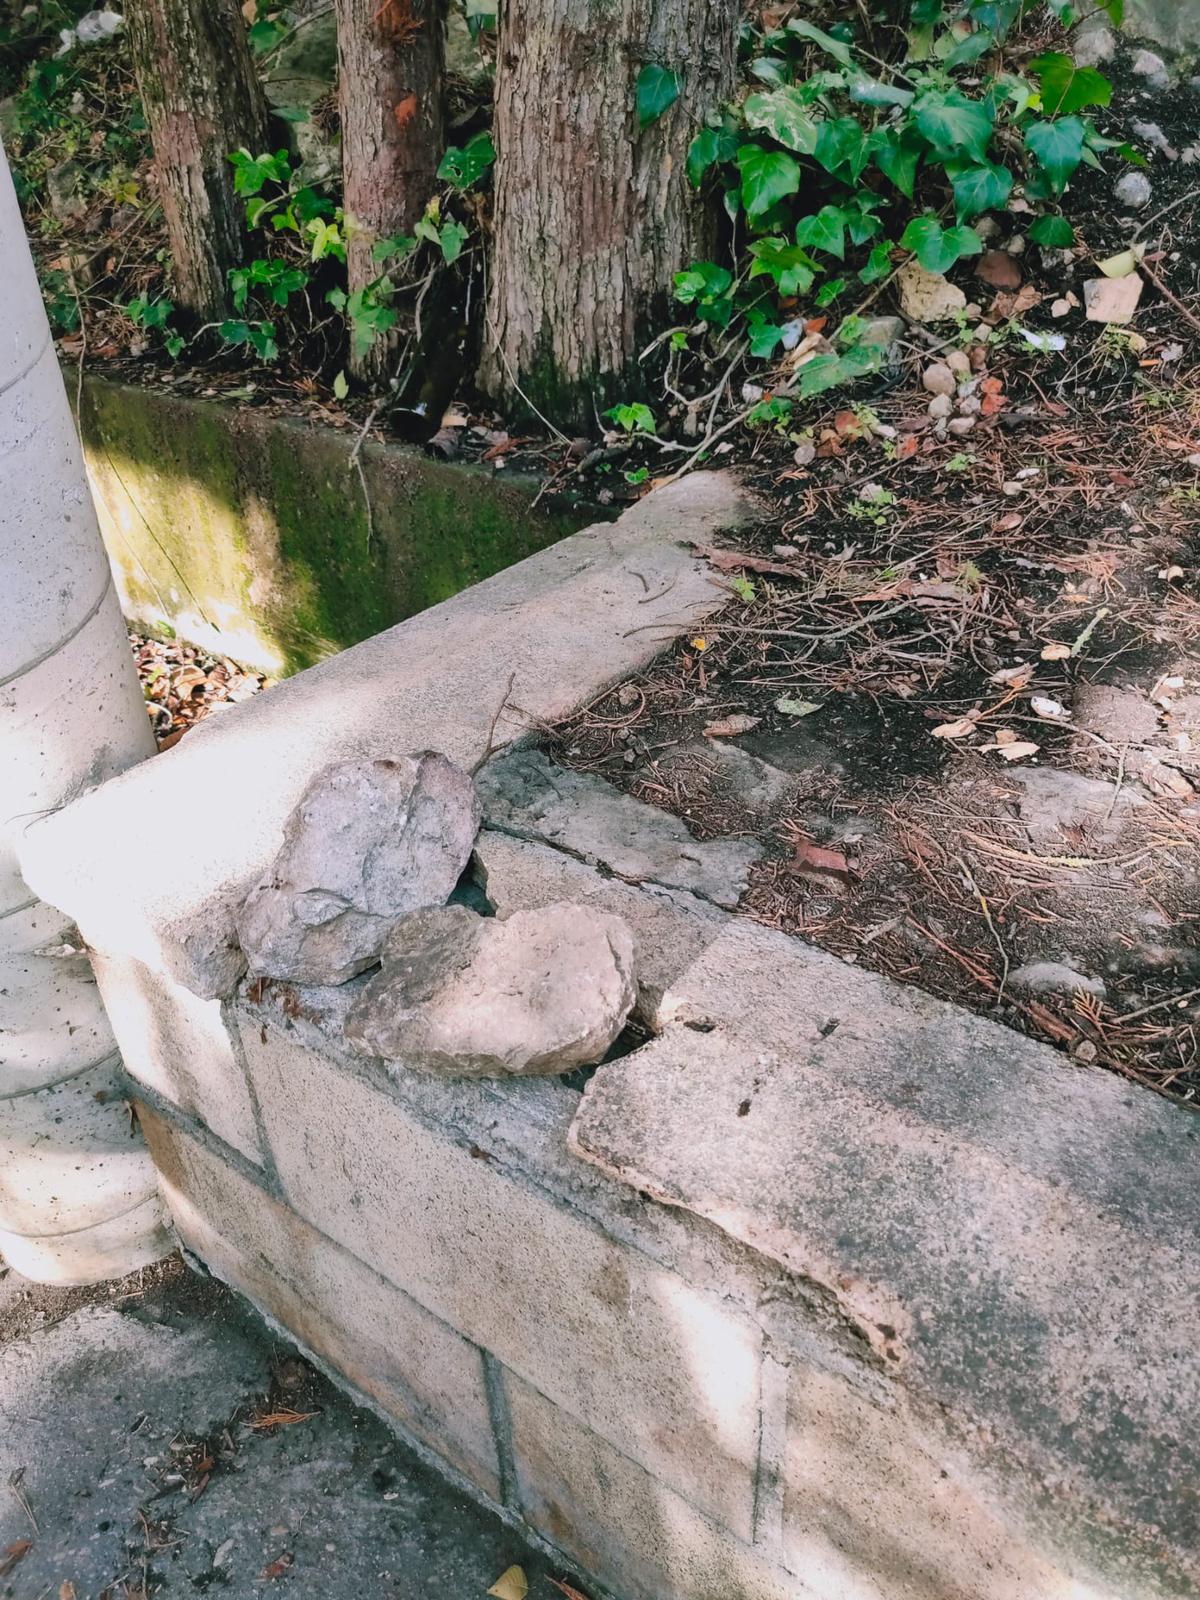 La Cofradía de San Felices denuncia destrozos en un asador de los Riscos de Bilibio 1